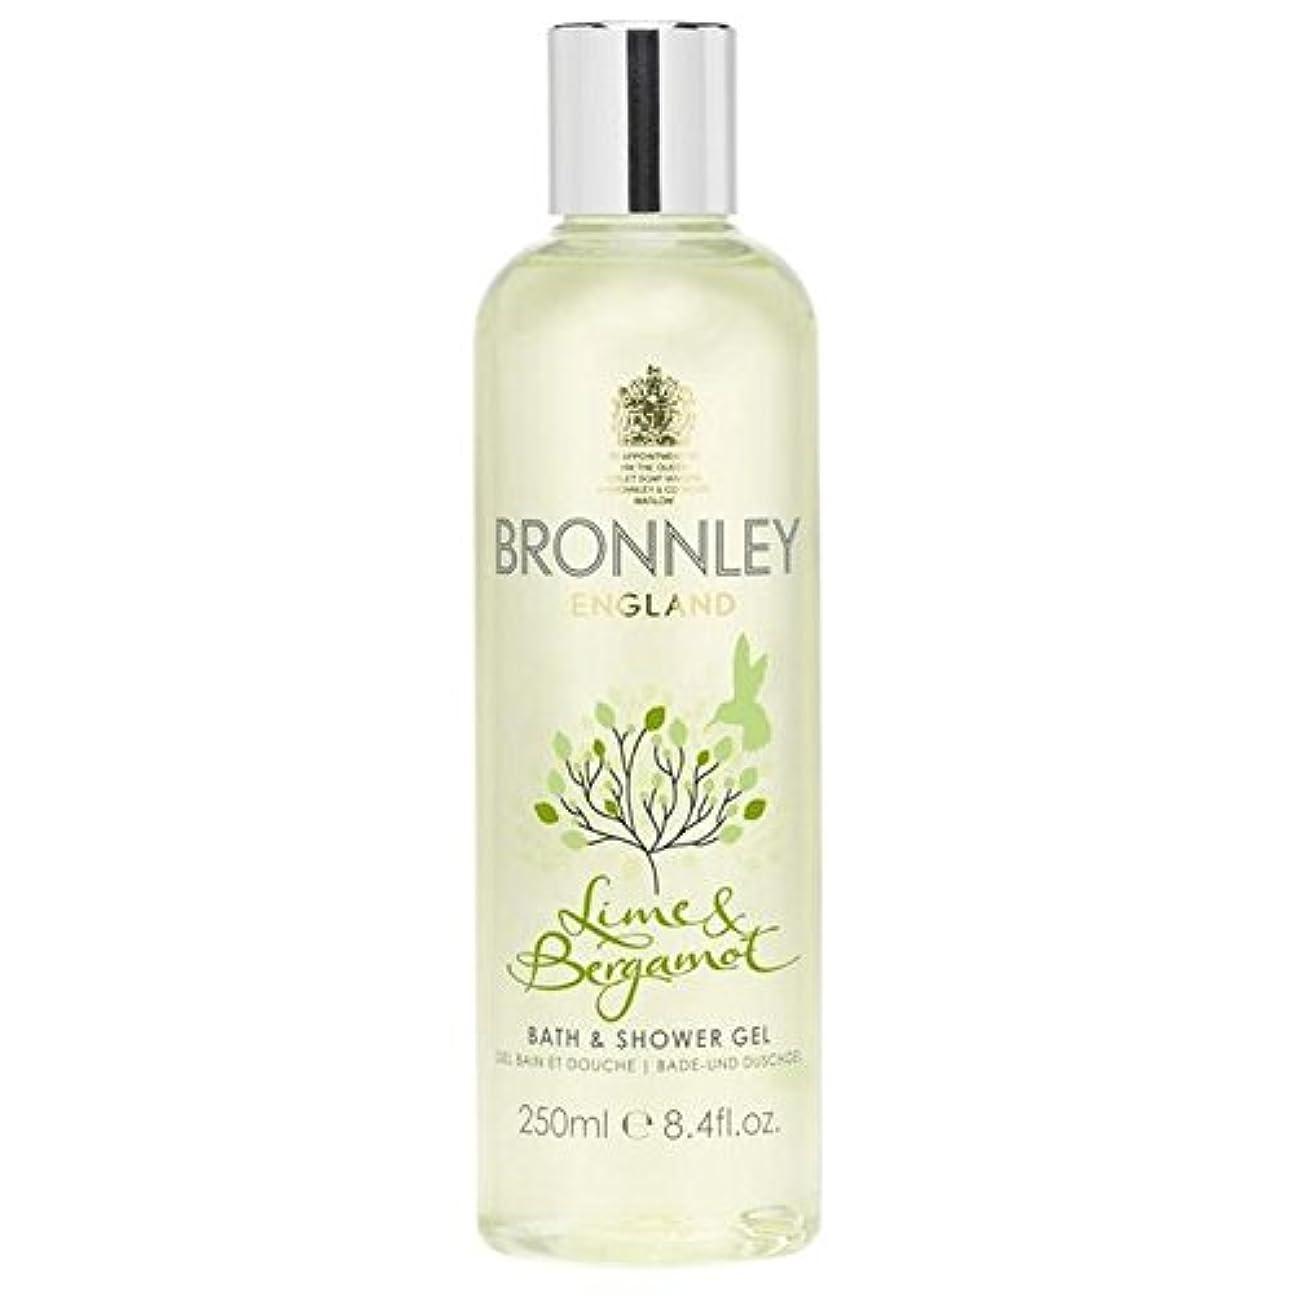 バラ色隙間続編ライム&ベルガモットバス&シャワージェル250ミリリットル x2 - Bronnley Lime & Bergamot Bath & Shower Gel 250ml (Pack of 2) [並行輸入品]